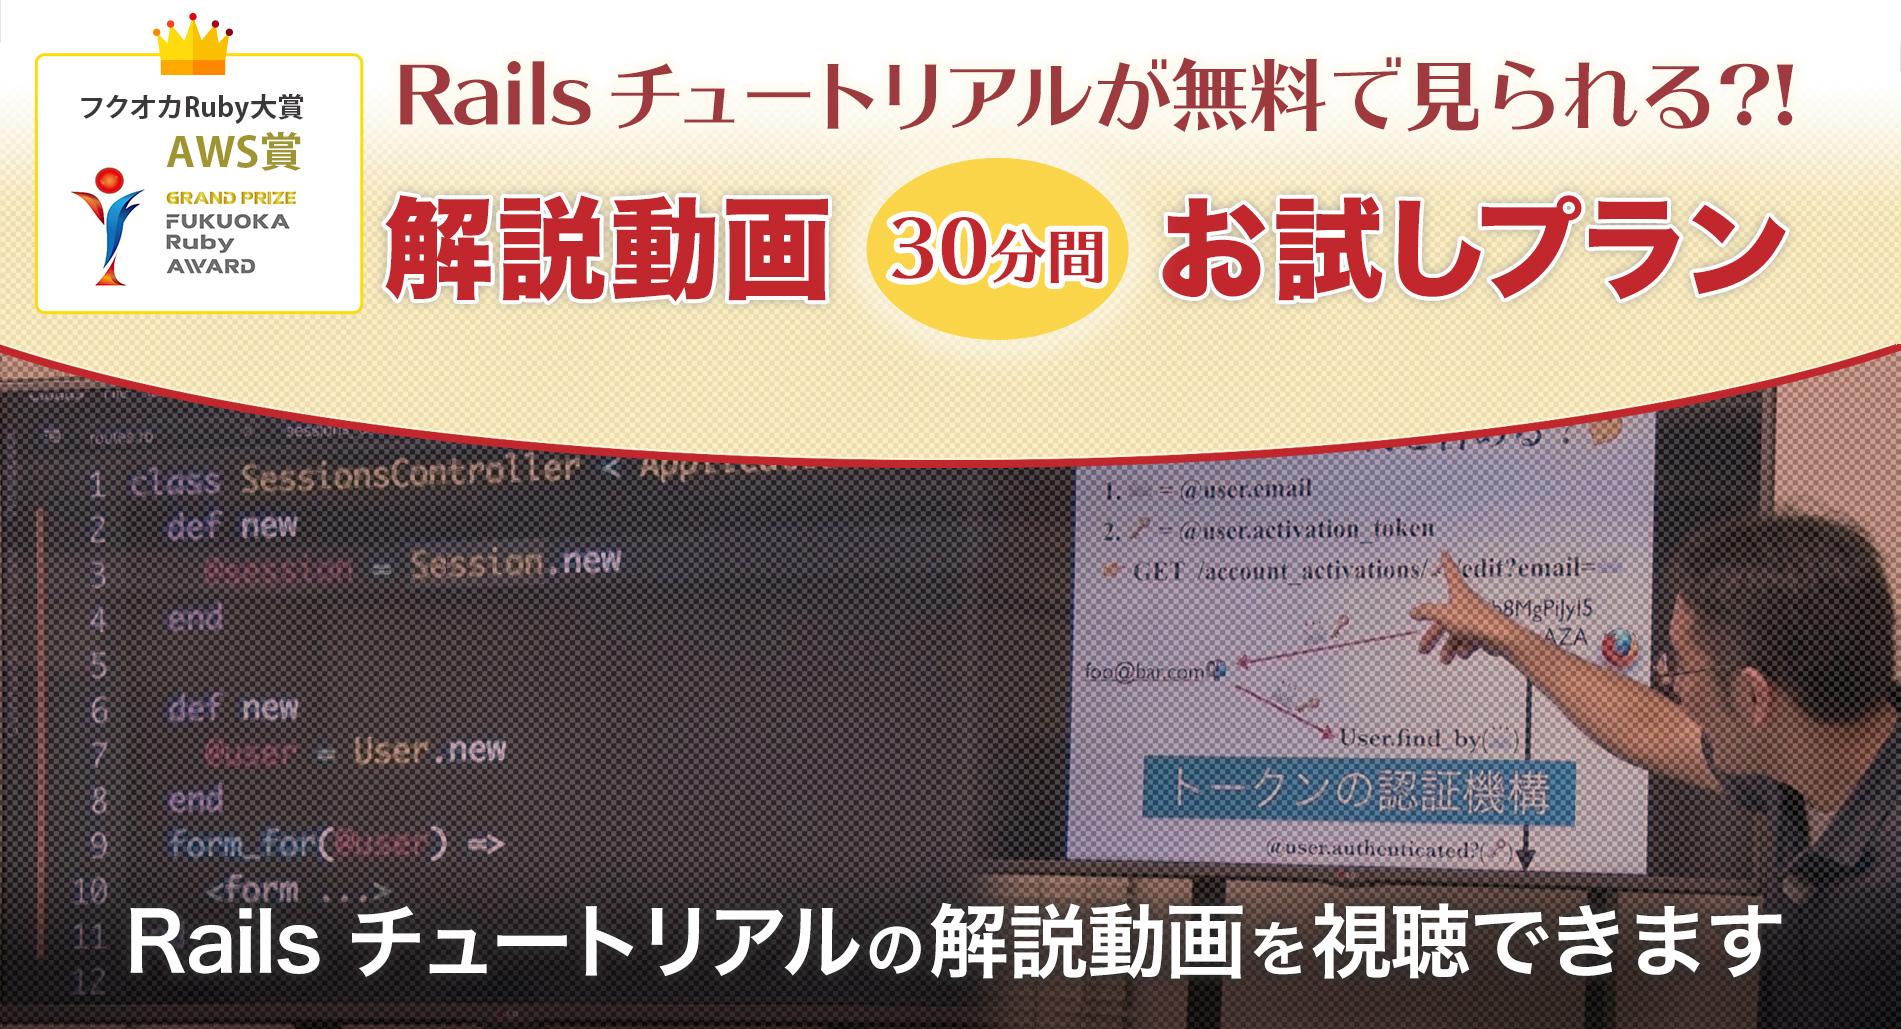 Railsチュートリアル解説動画 - お試しプラン